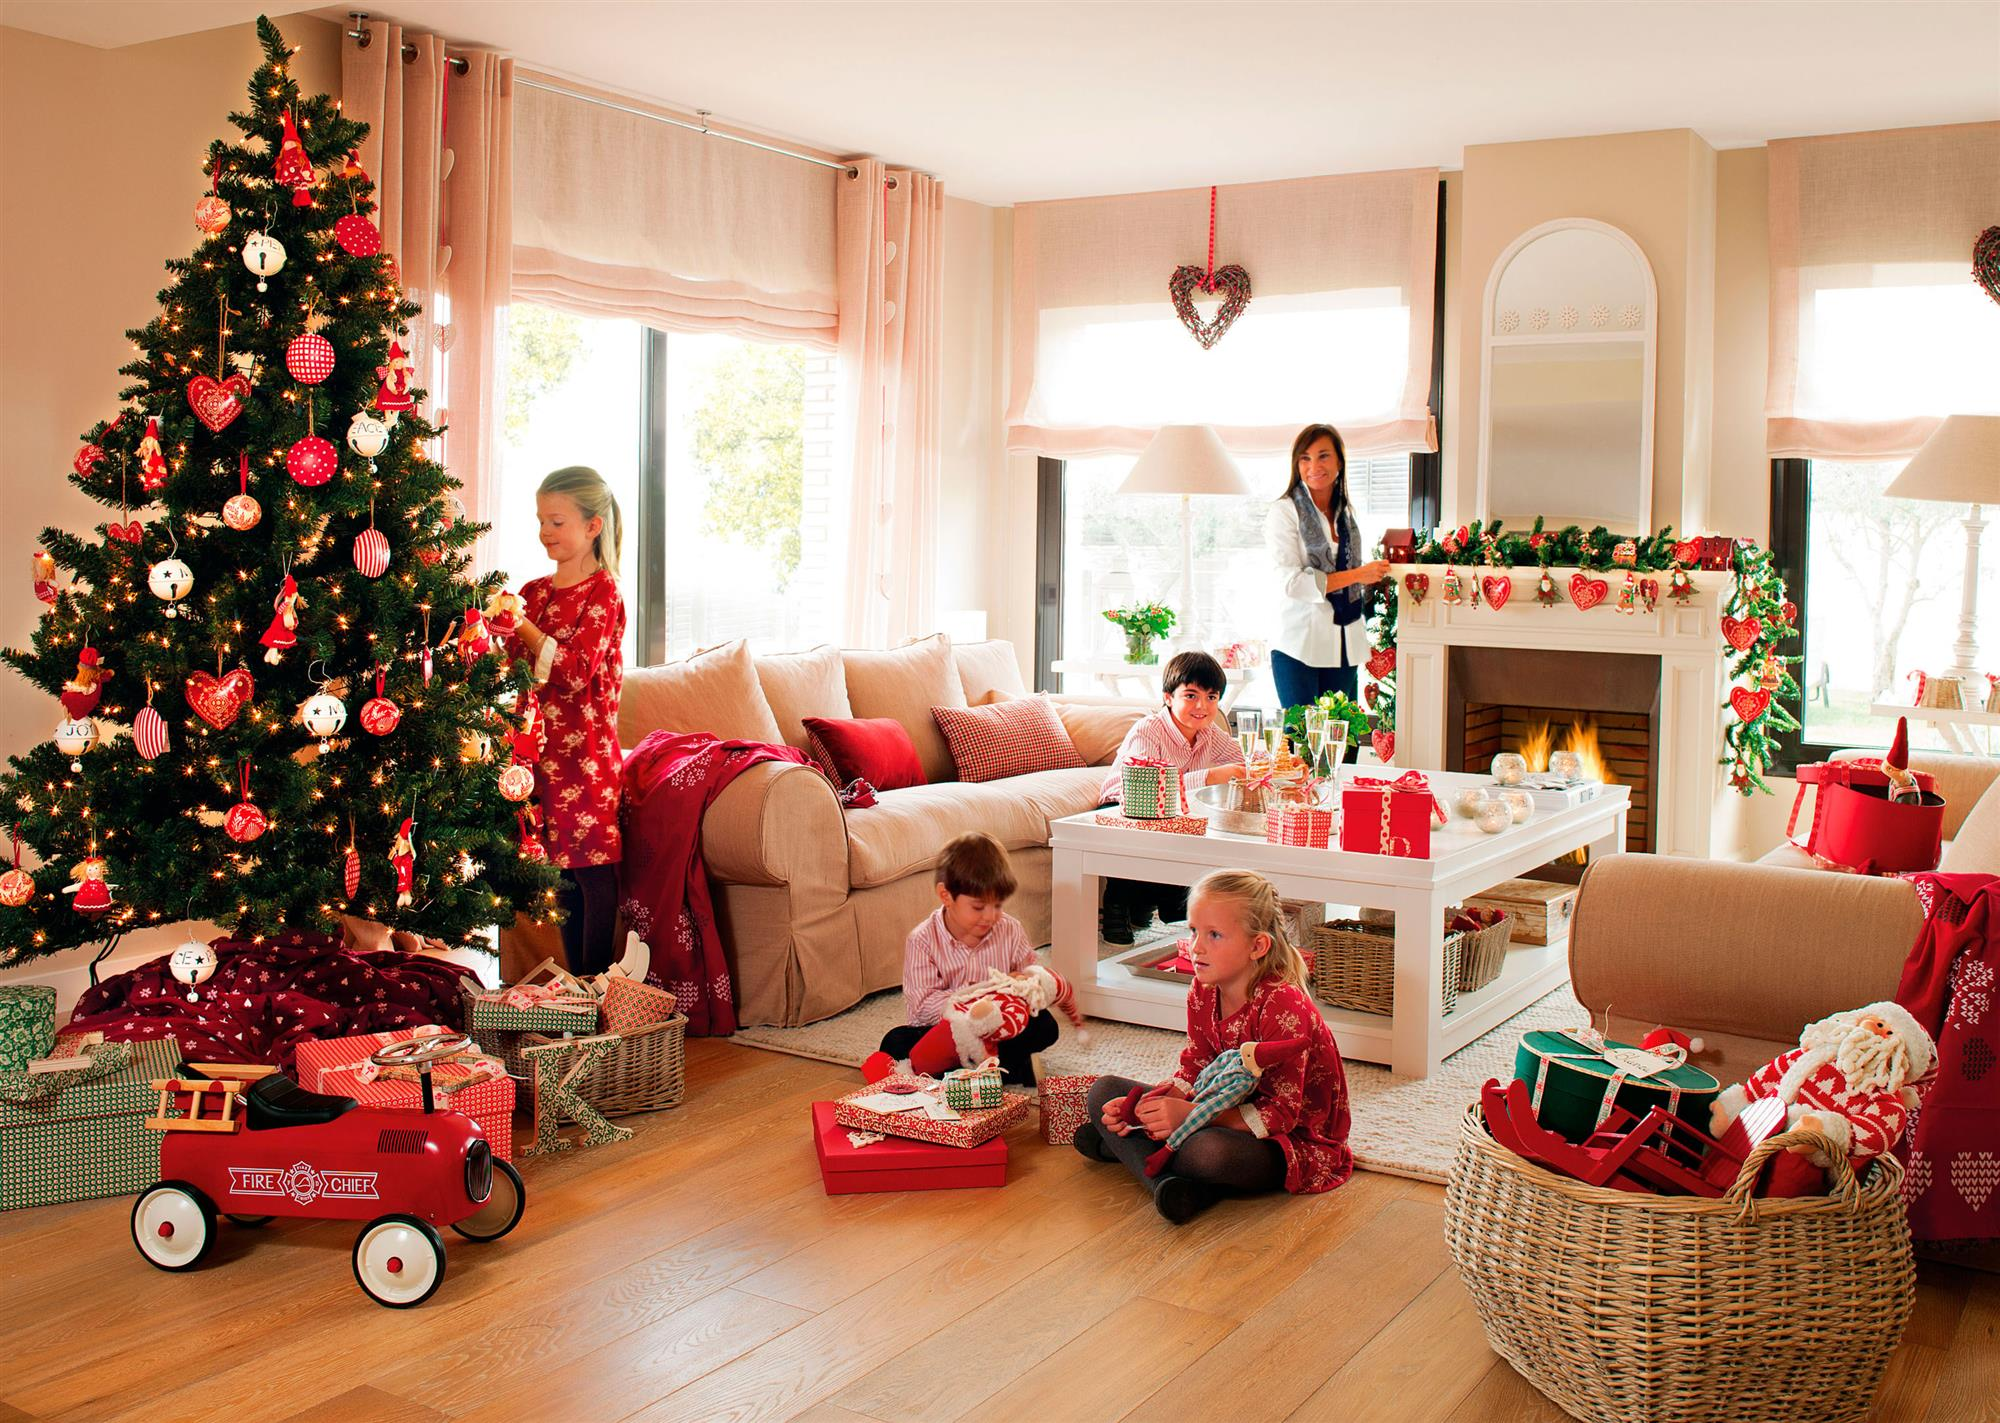 Fotos Casas Decoradas Navidad.Casa Decorada Para Navidad